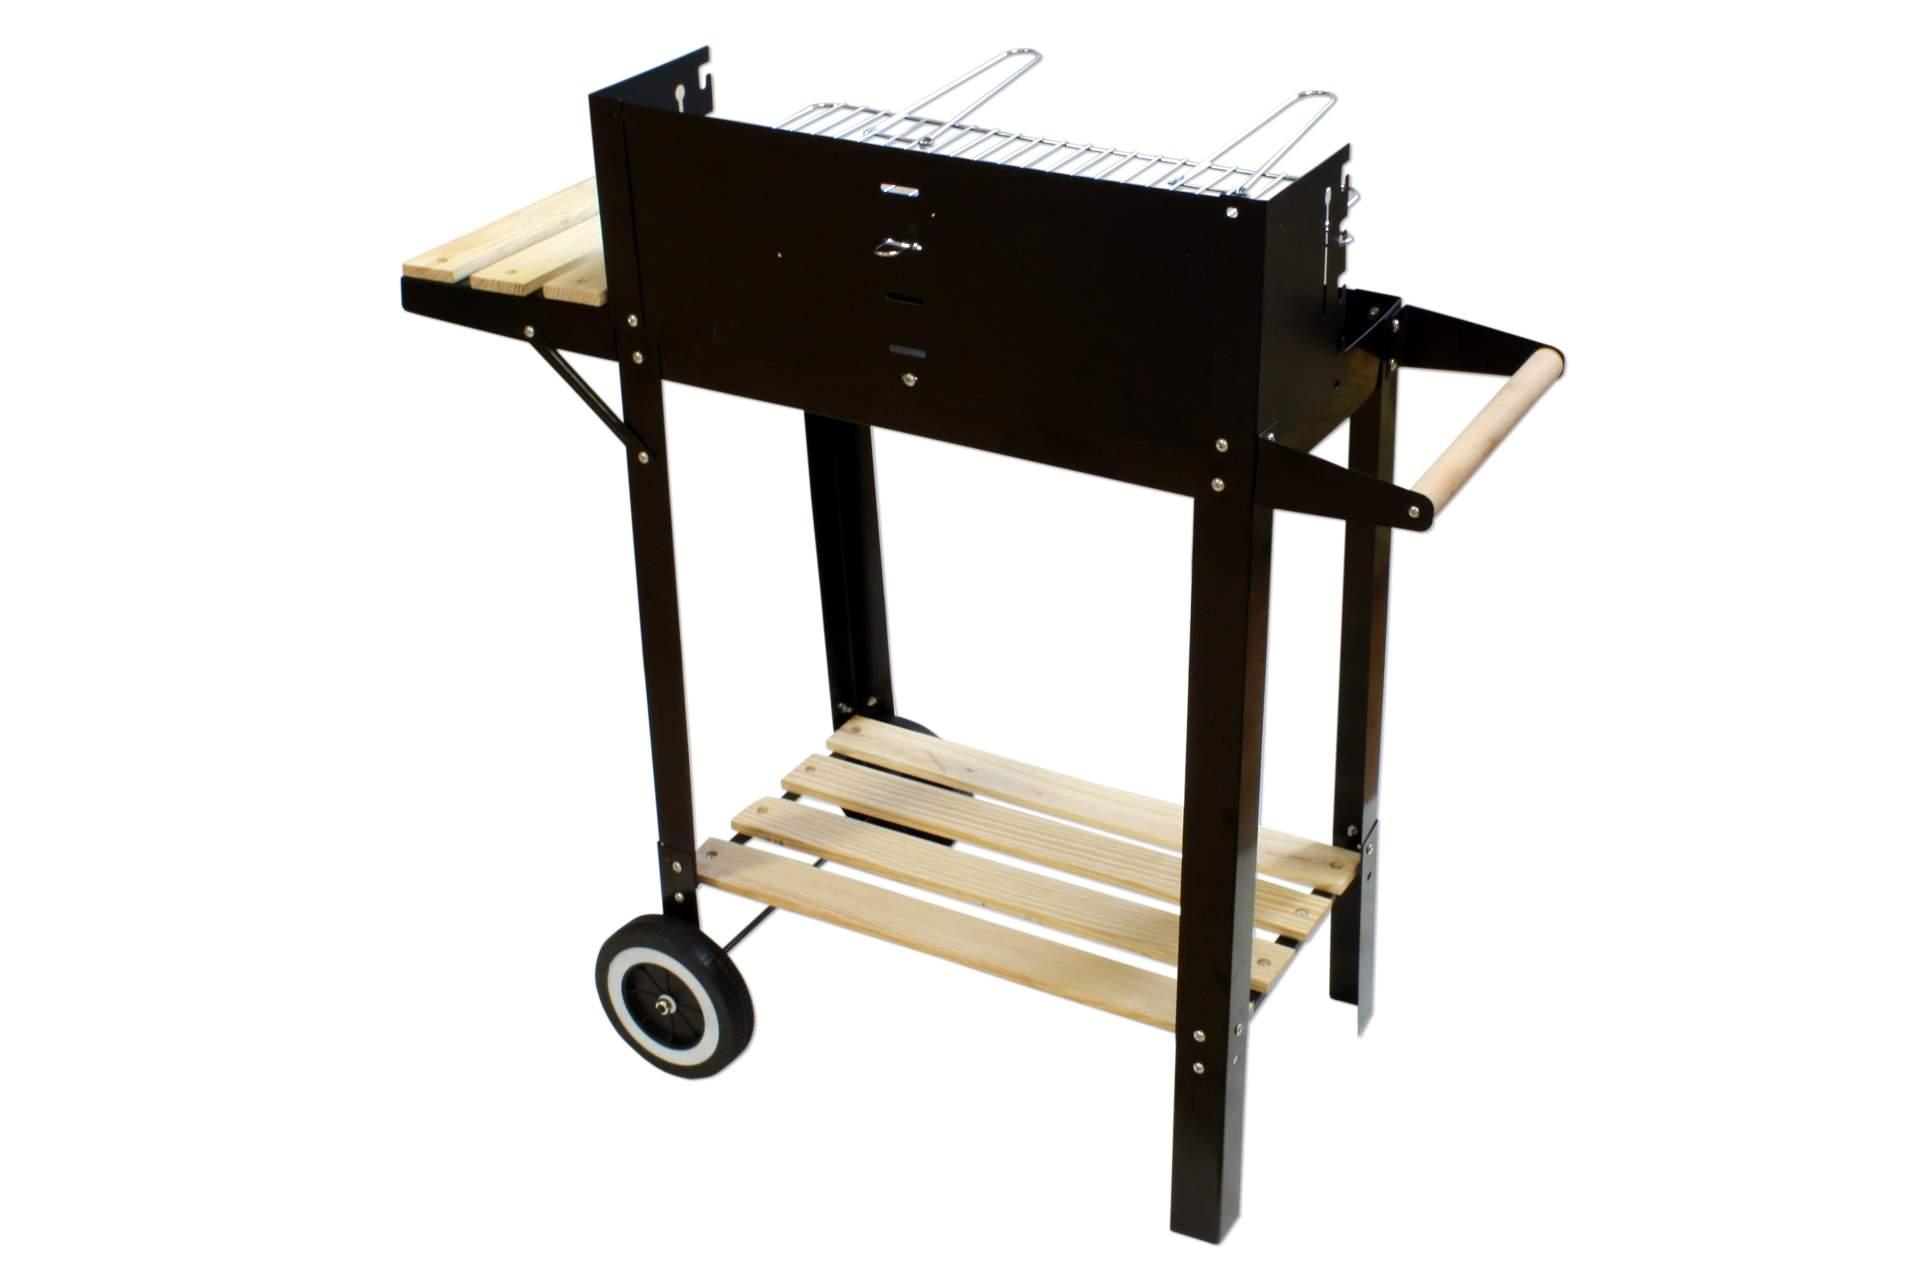 grillwagen kynast deluxe schwarz mit ablage auf rollen holzkohlegrill holz neu ebay. Black Bedroom Furniture Sets. Home Design Ideas